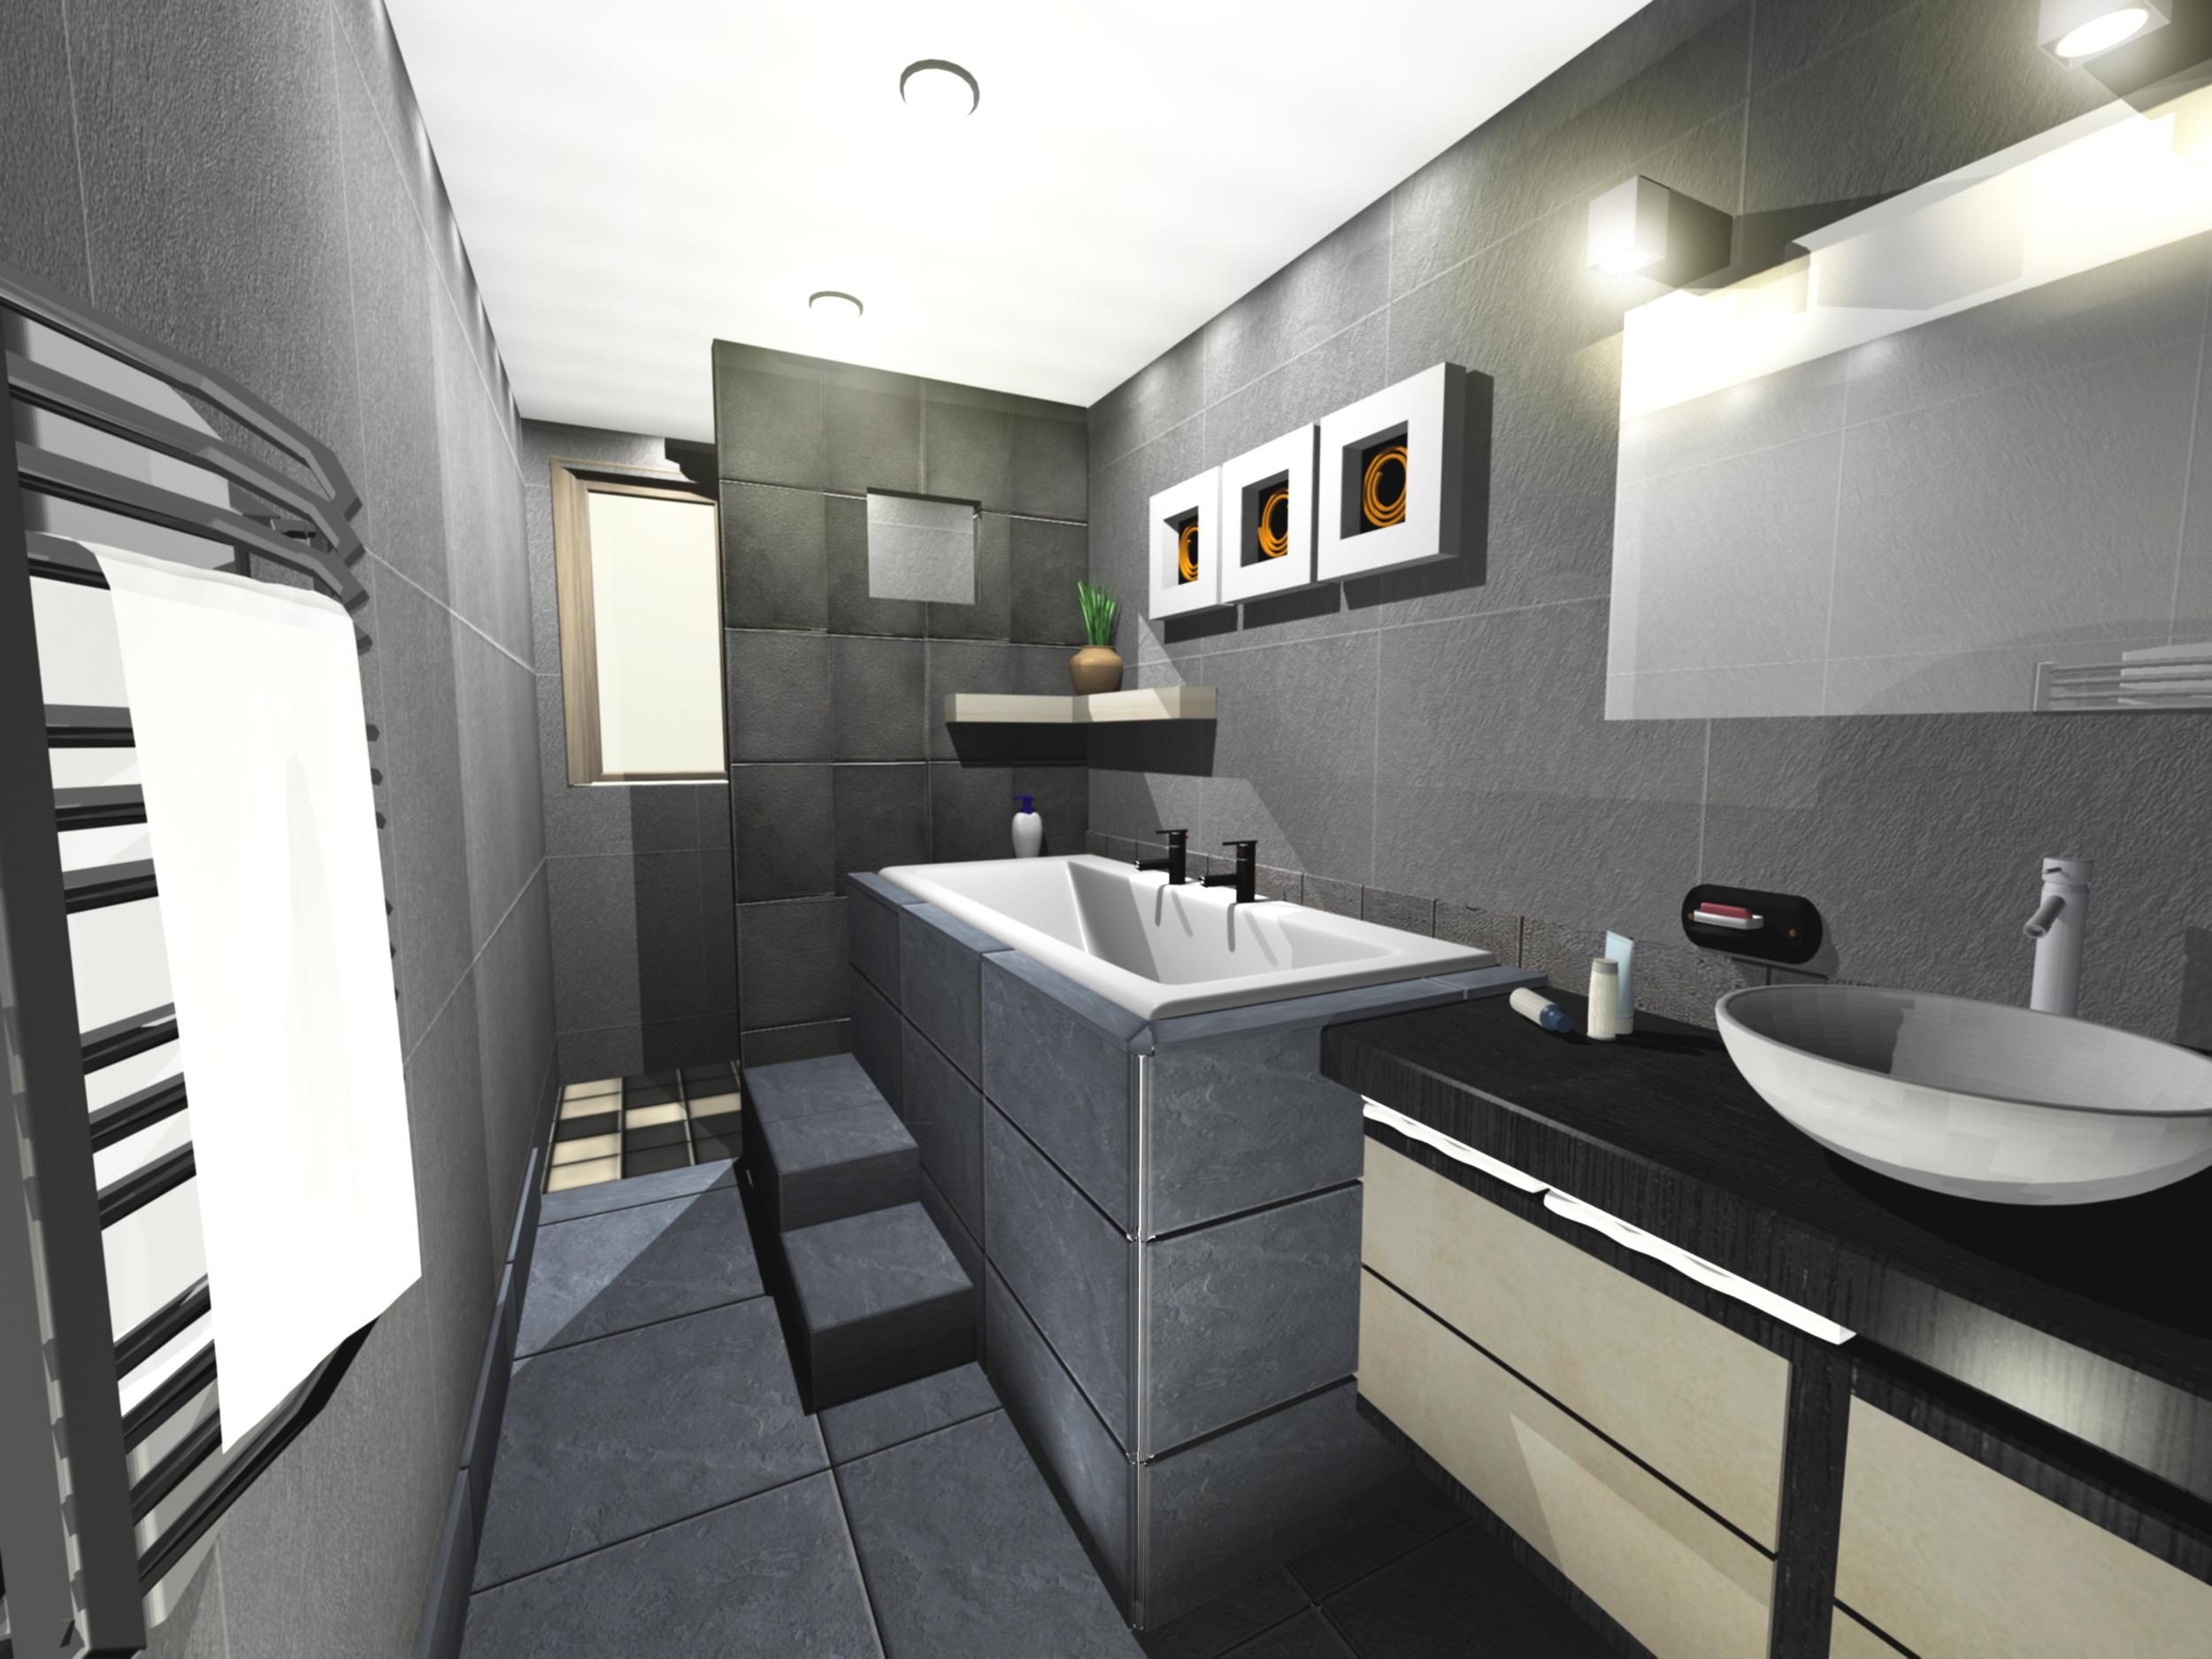 Simulation salle de bain 3d gratuit salle de bain image for Salle de bain 3d en ligne